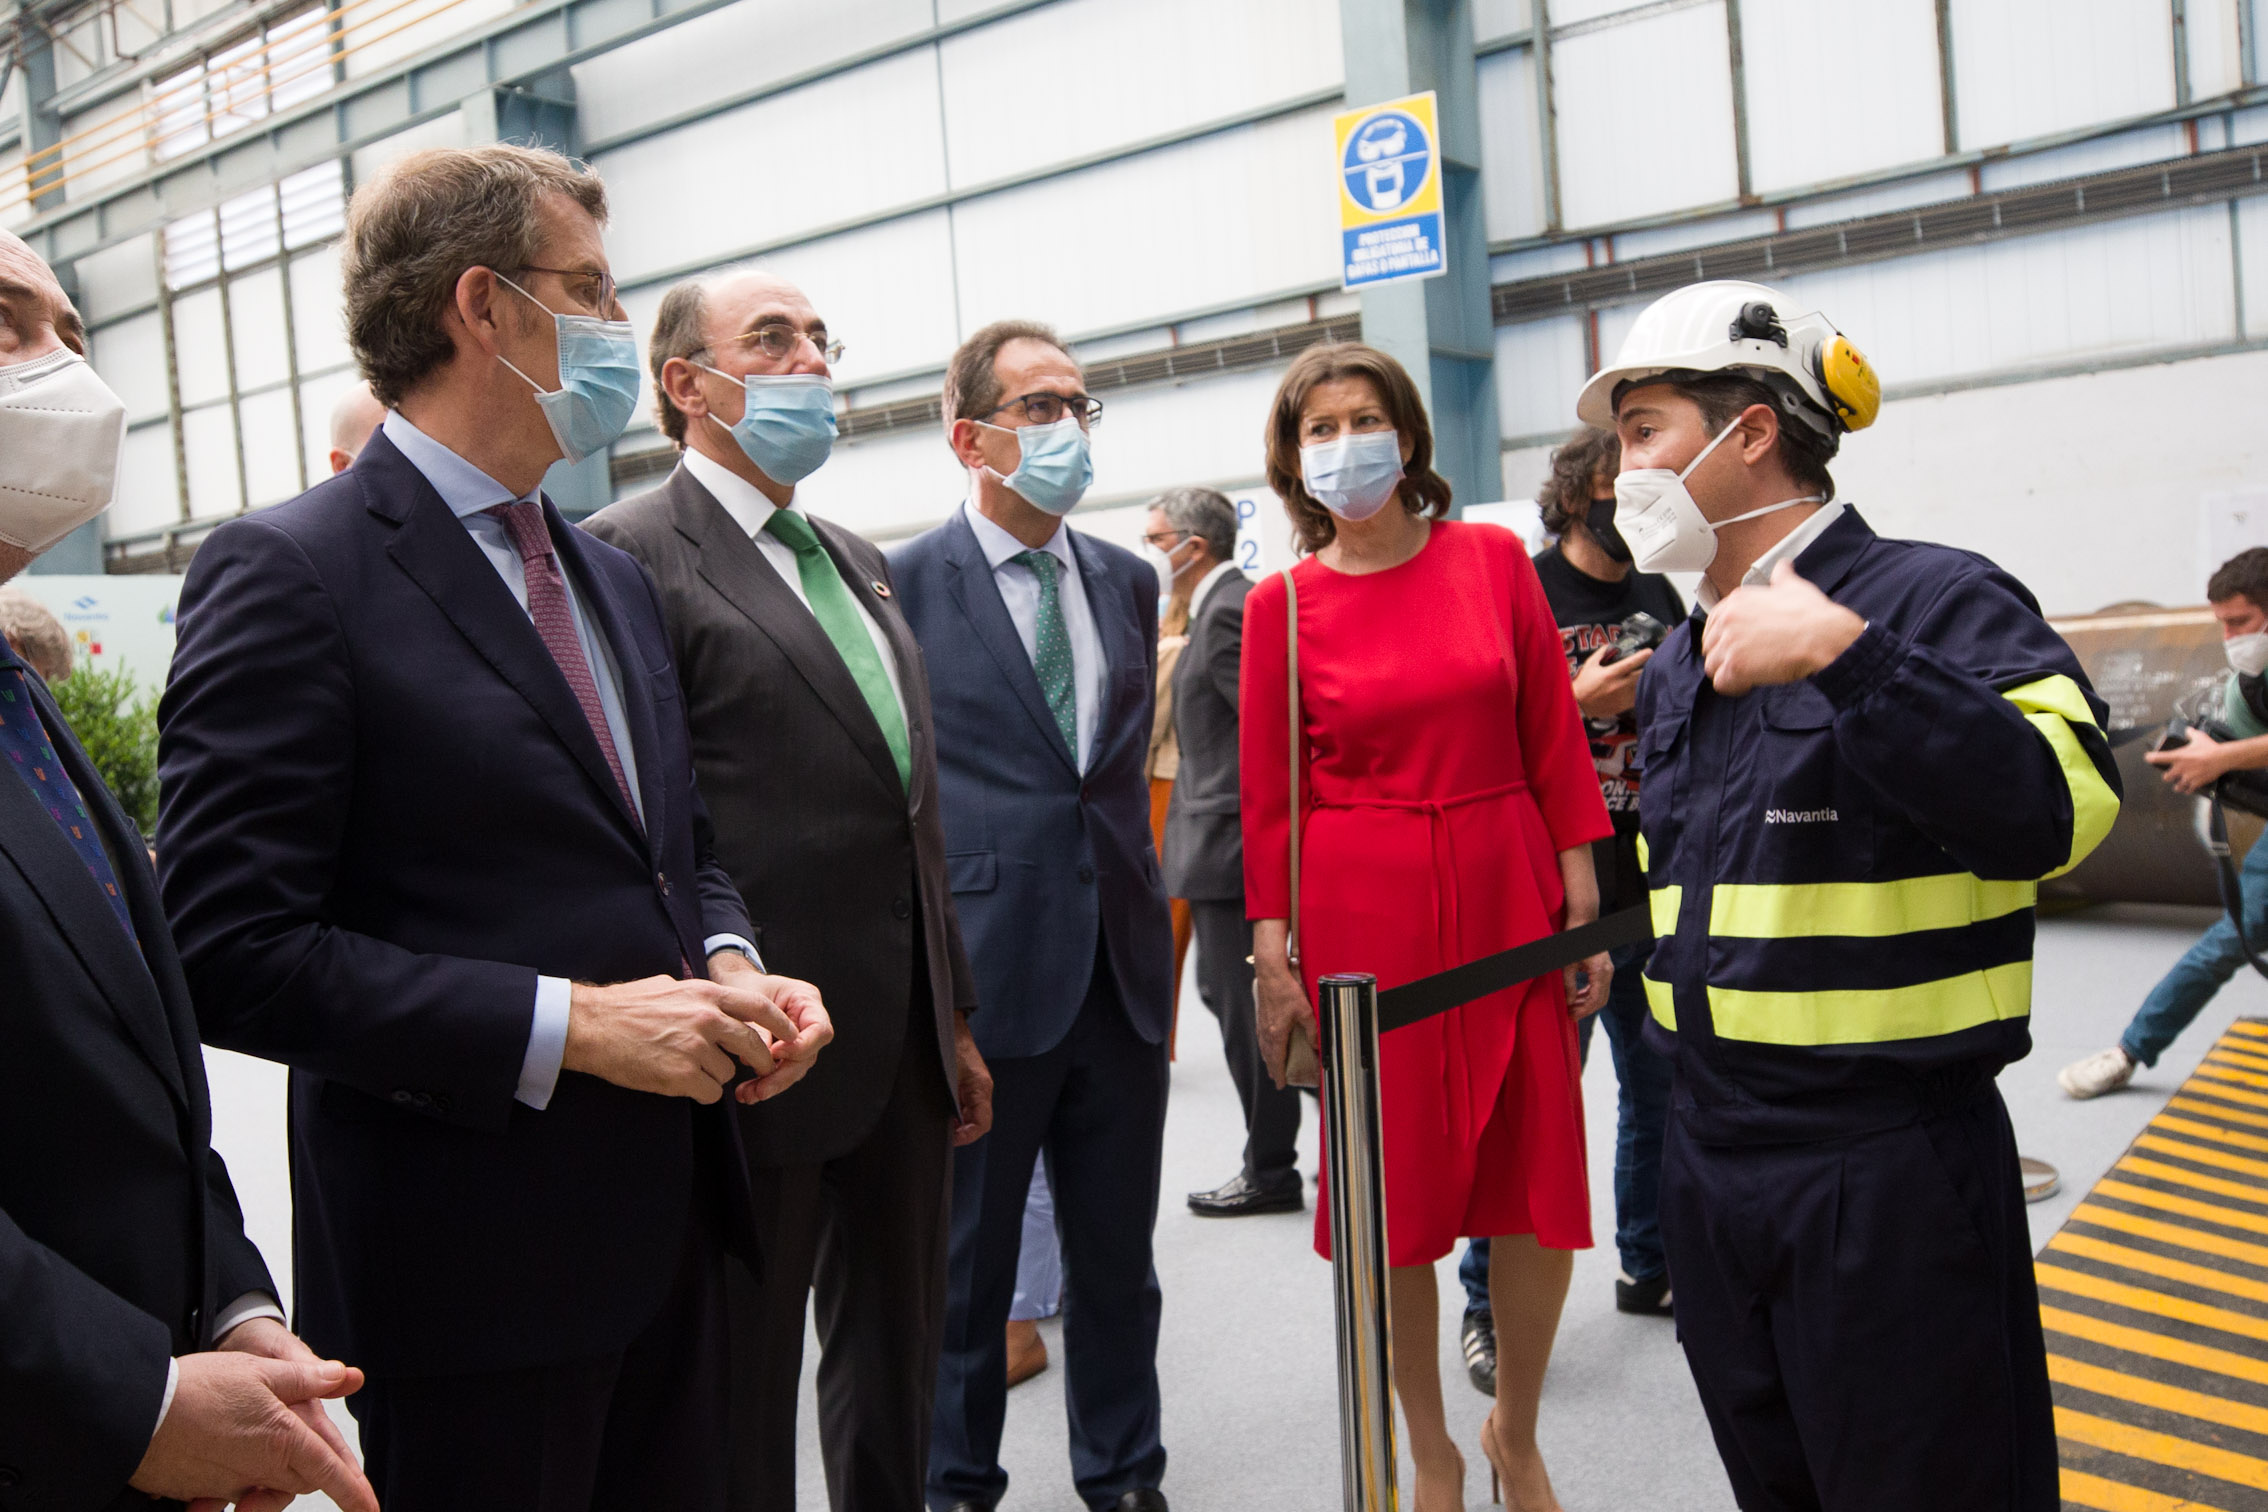 Destinan 350M€ a la construcción de 62 plataformas para aerogeneradores marinos en Navantia Fene para Iberdrola